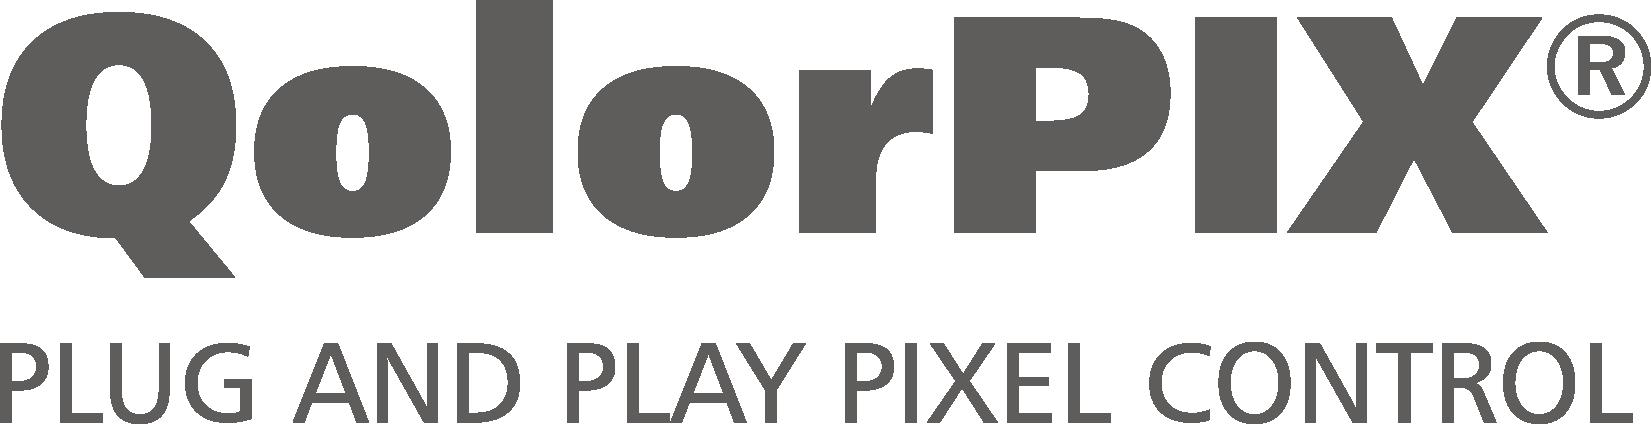 QolorPIX Plug & Play Pixel Control logo